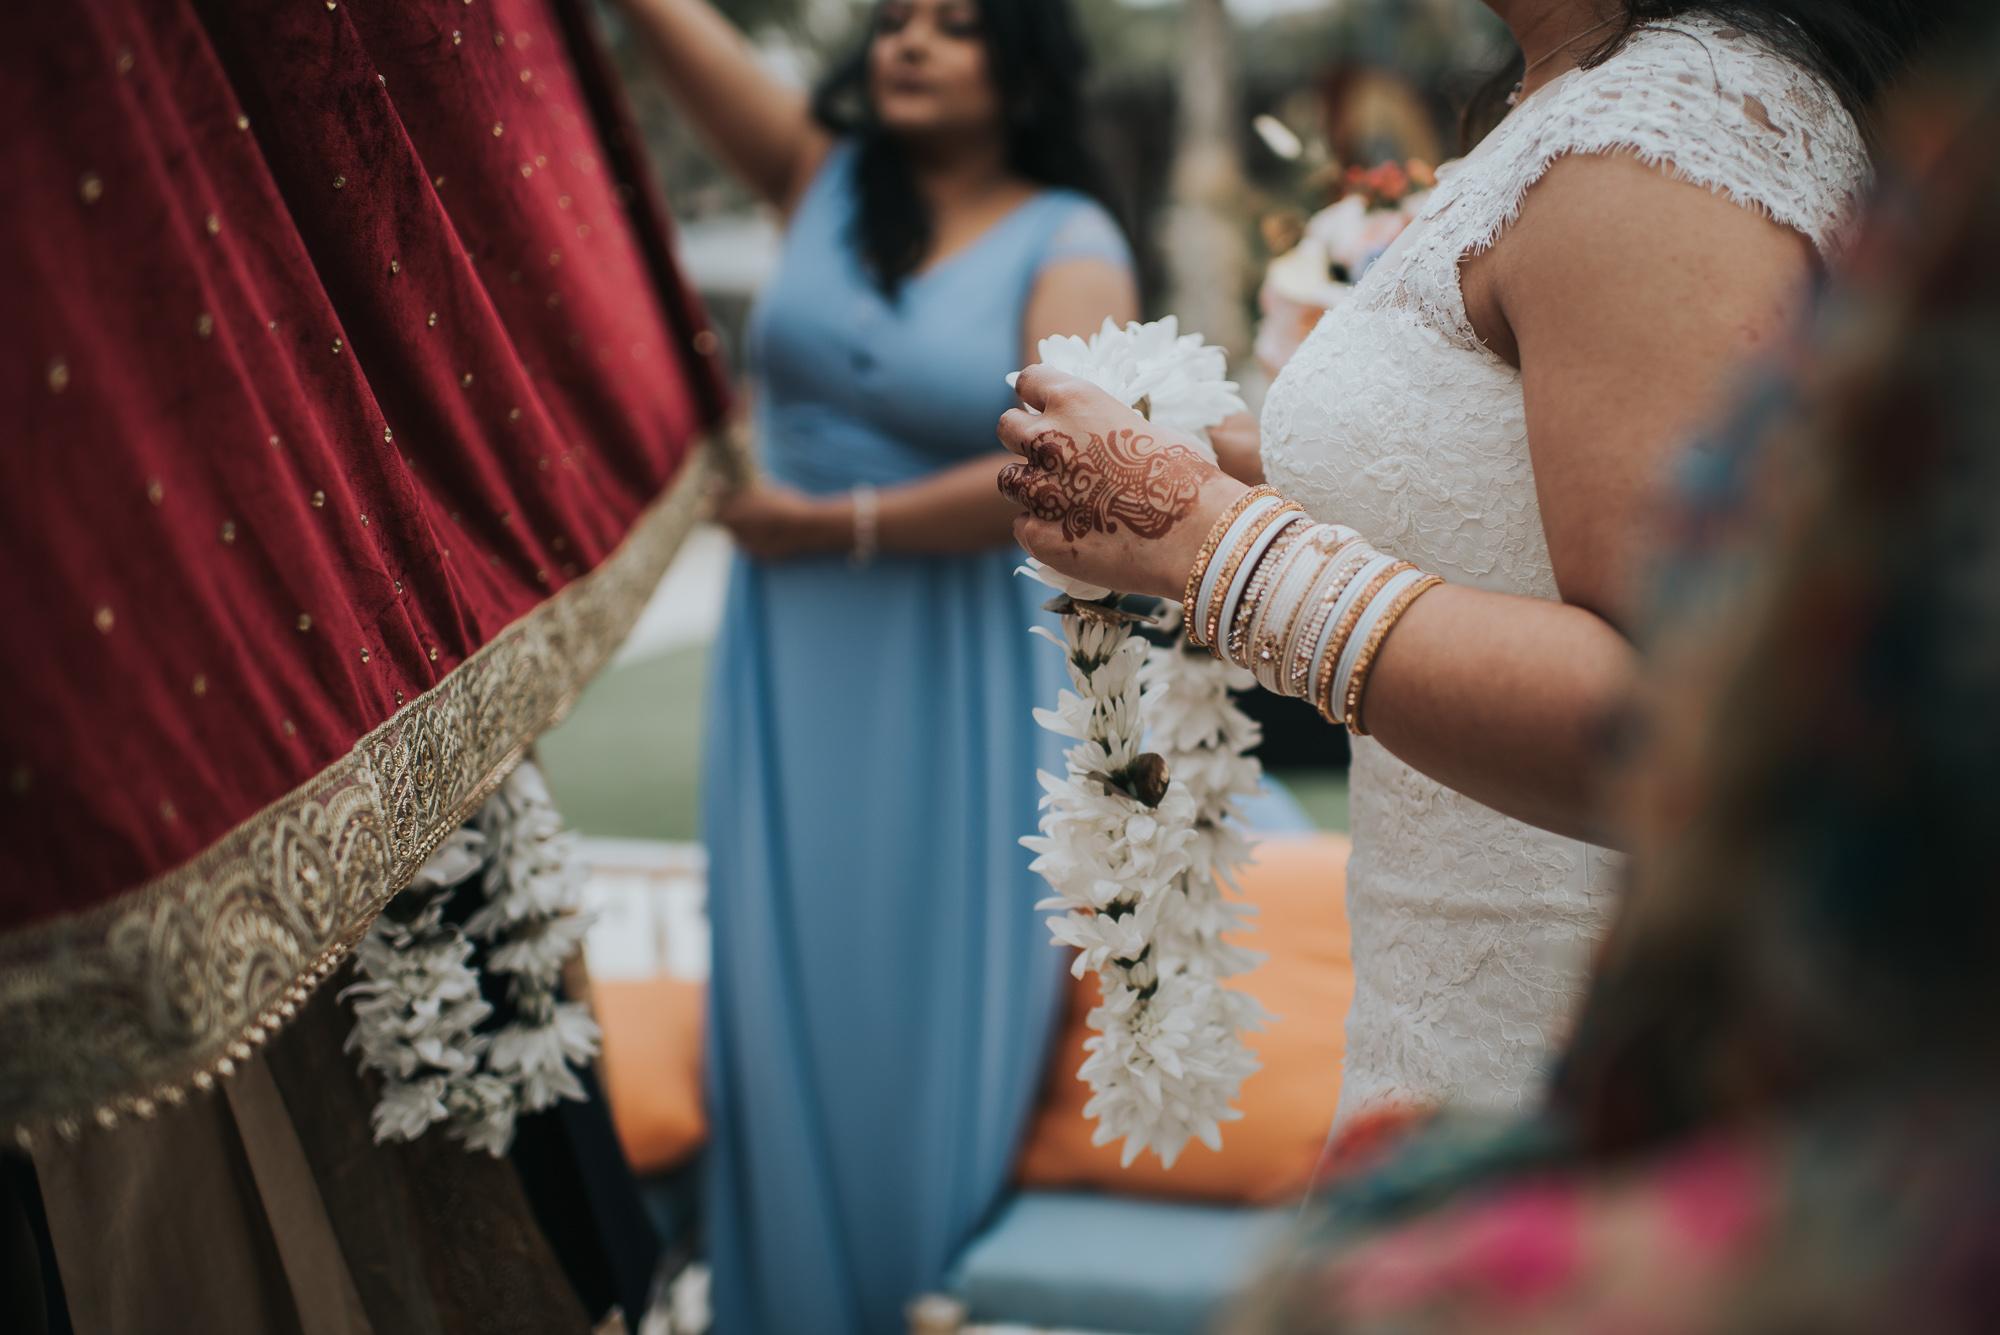 madinat jumeirah dubai wedding photographer  destination wedding photography (13 of 52).jpg